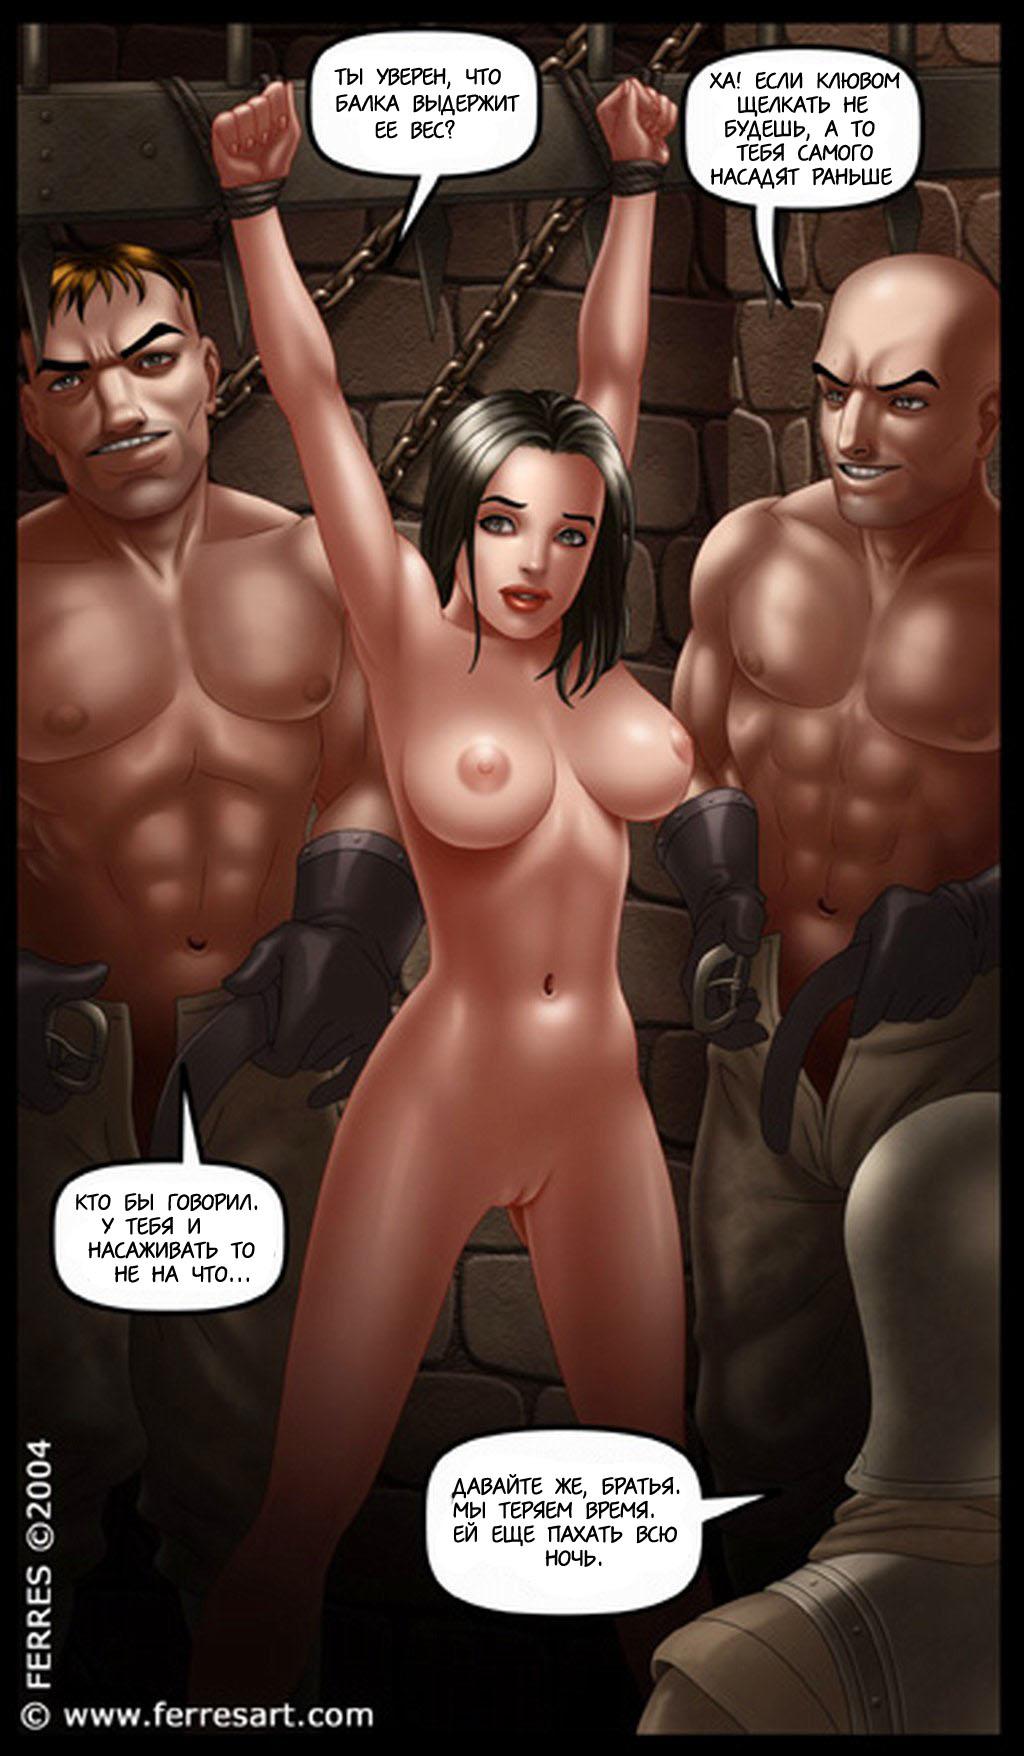 srednevekovie-porno-igri